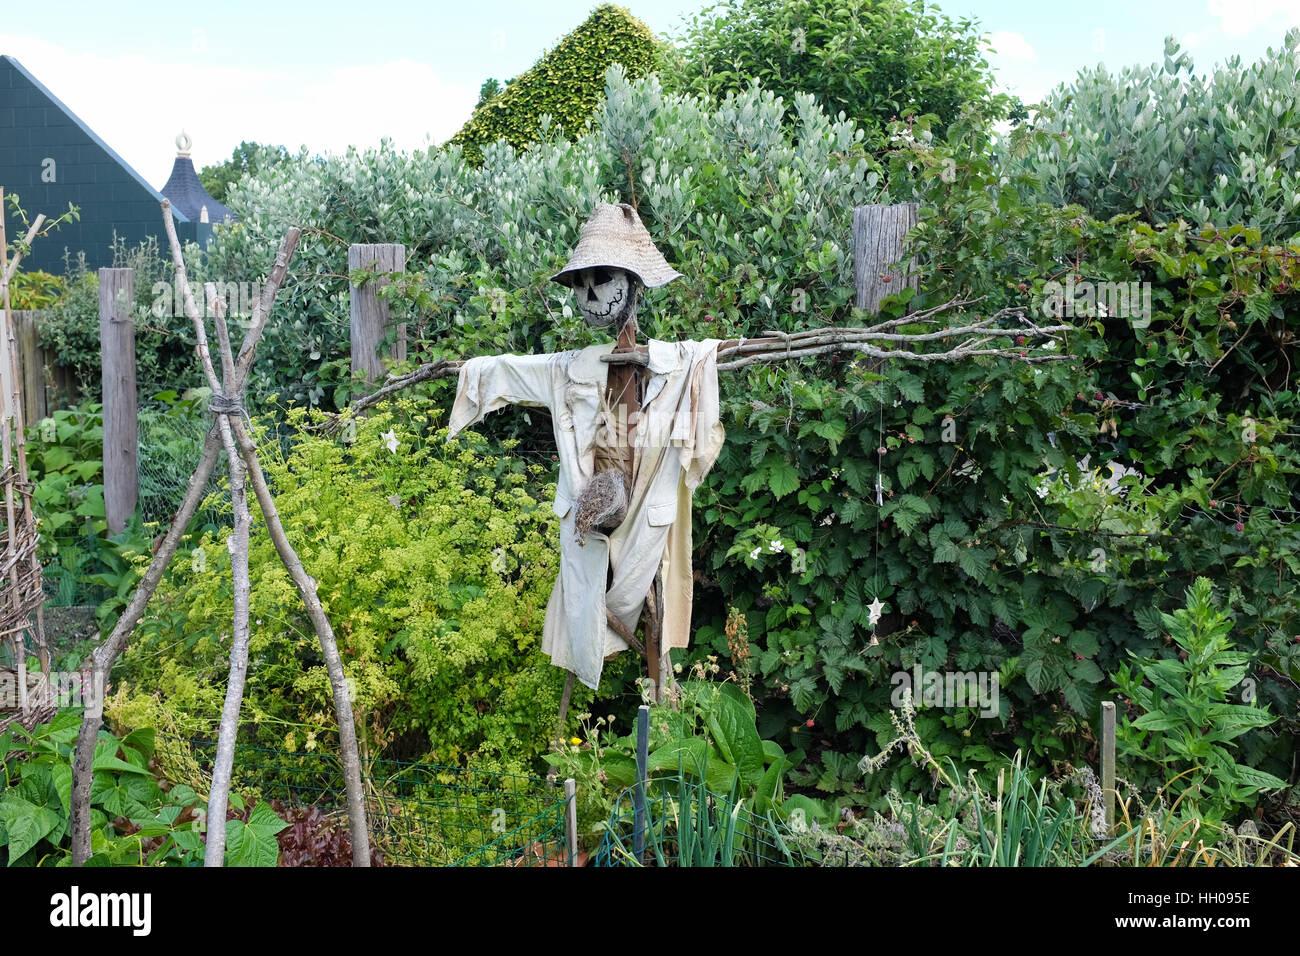 A scarecrow in a garden. - Stock Image